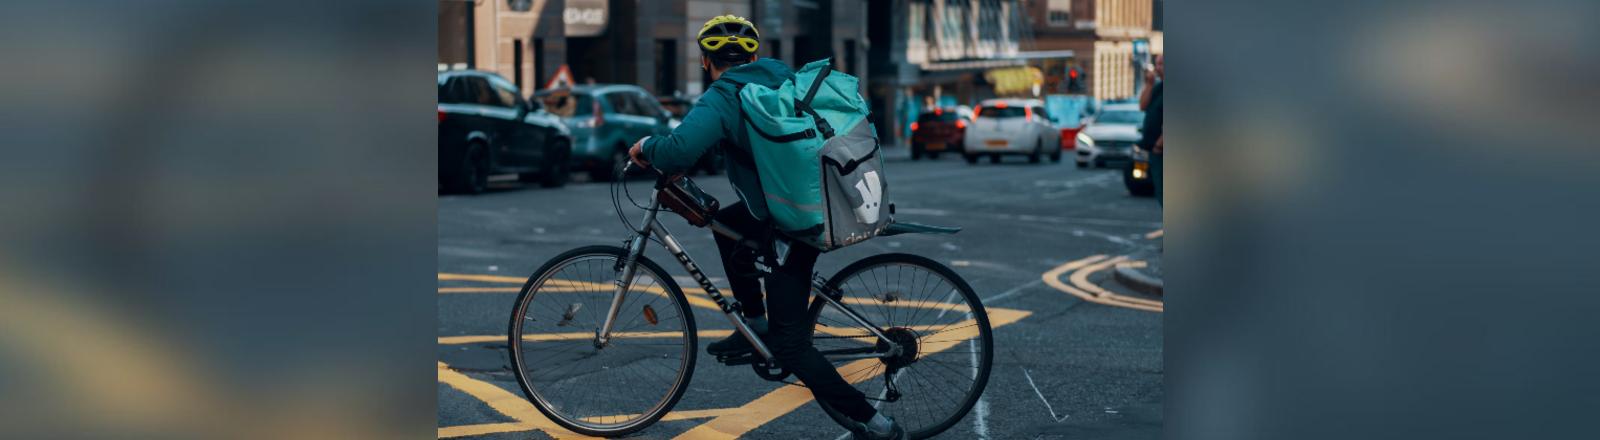 Ein Lieferdienstfahrer auf einem Rad.